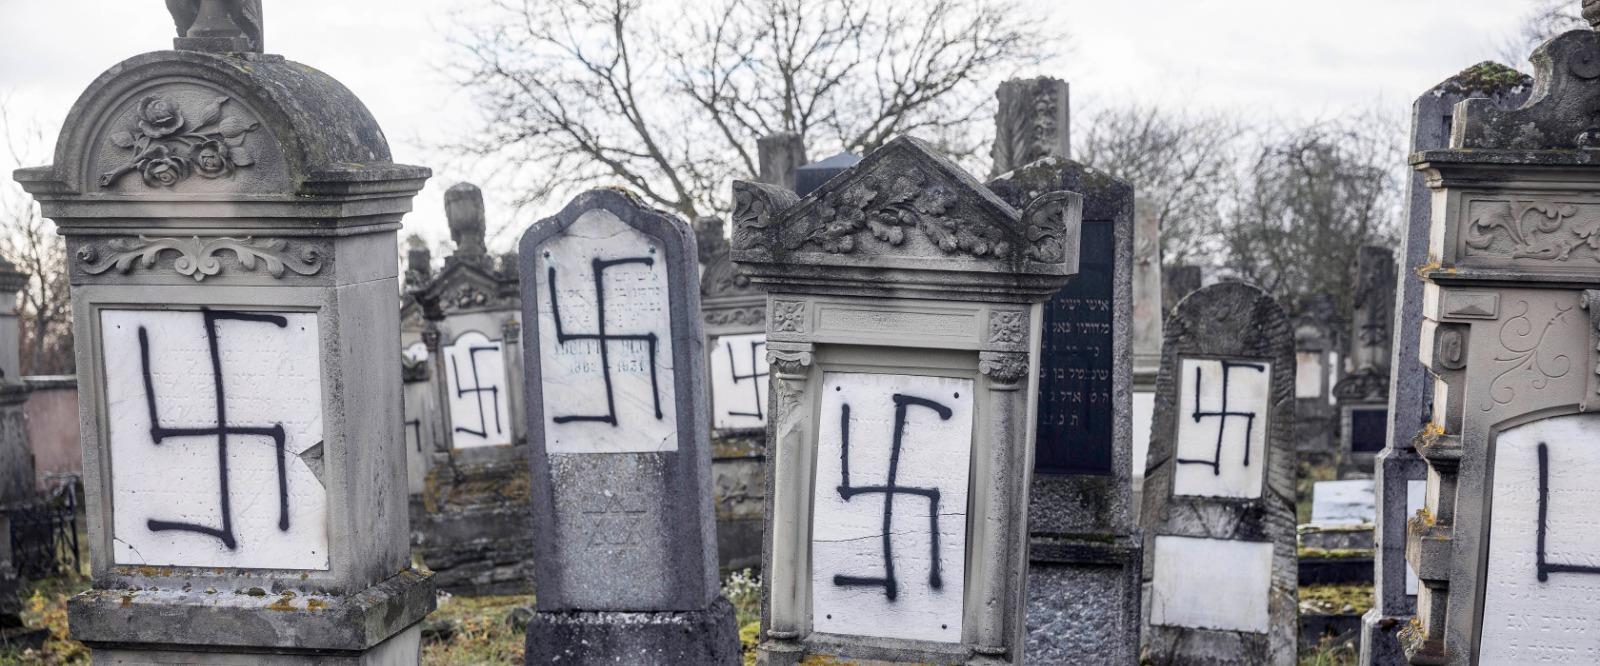 צלבי קרס בבית קברות יהודי בצרפת